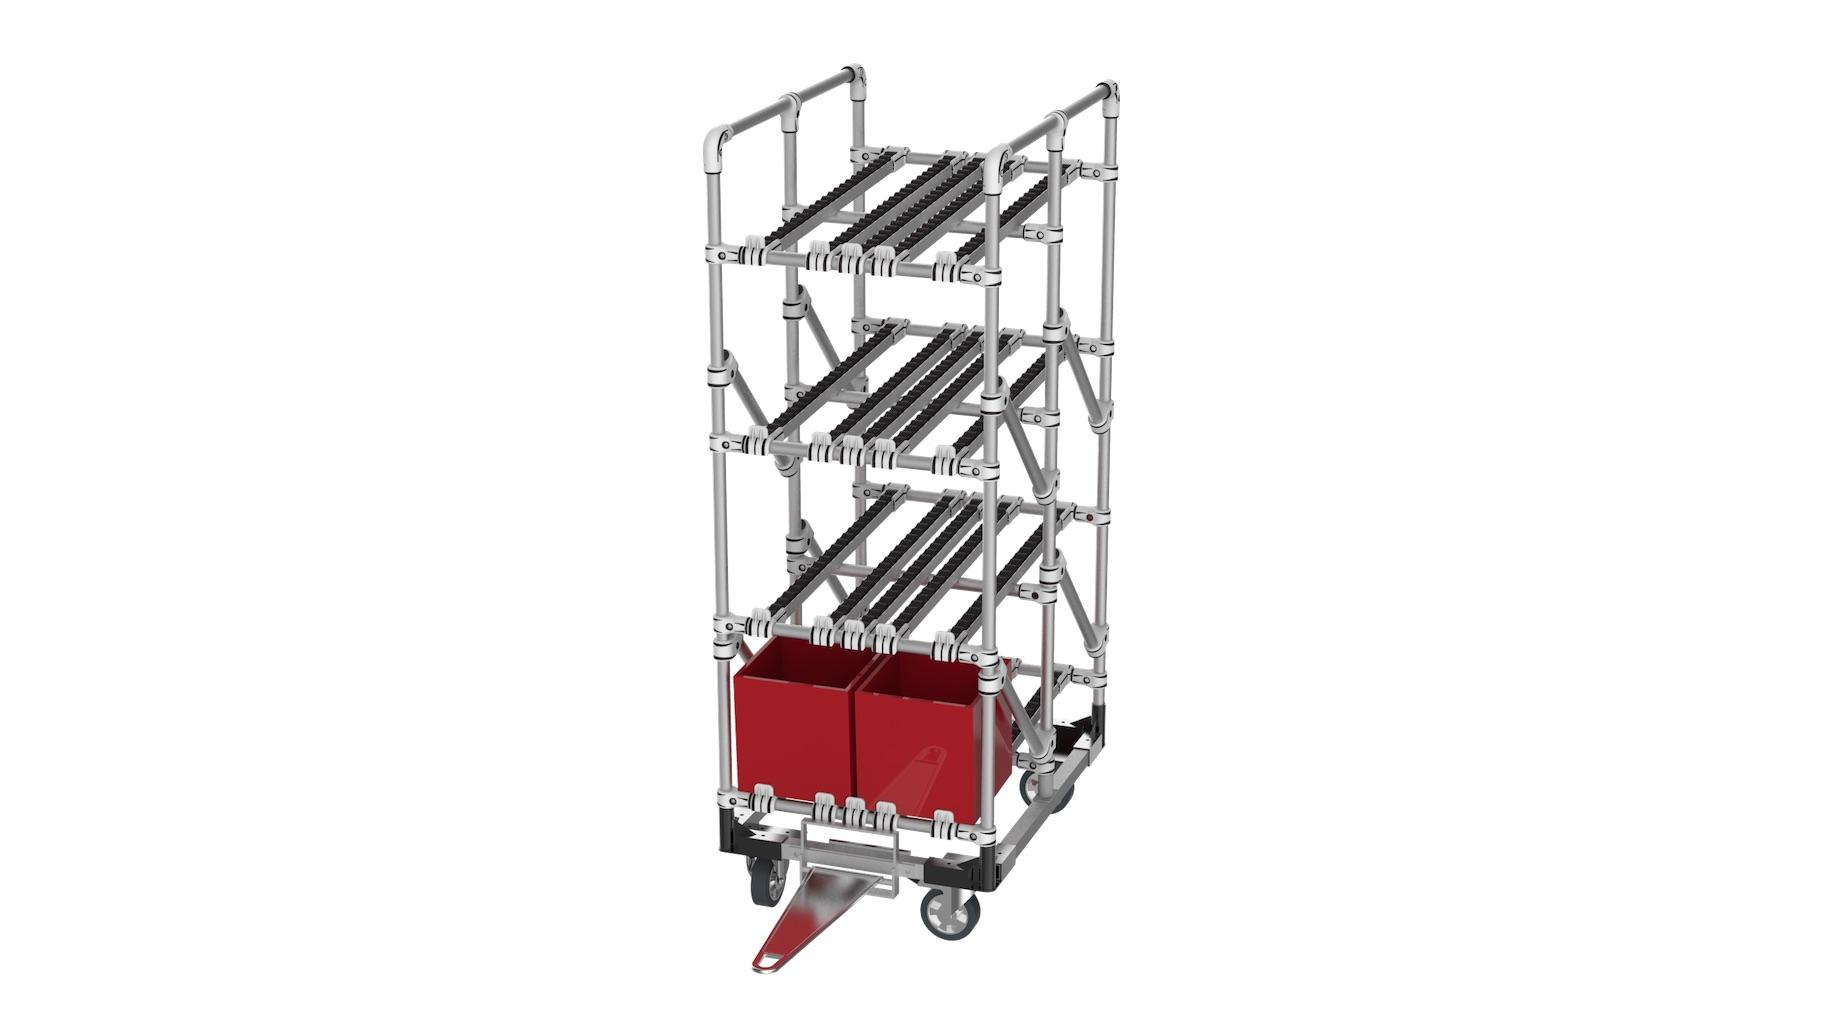 Équipementier automobile / aéronautique - Chariot tractable avec embase renforcée pour permettre l'acheminement des bacs. Ce chariot est équipé de 4 niveaux en rails pour un approvisionnement FIFO.